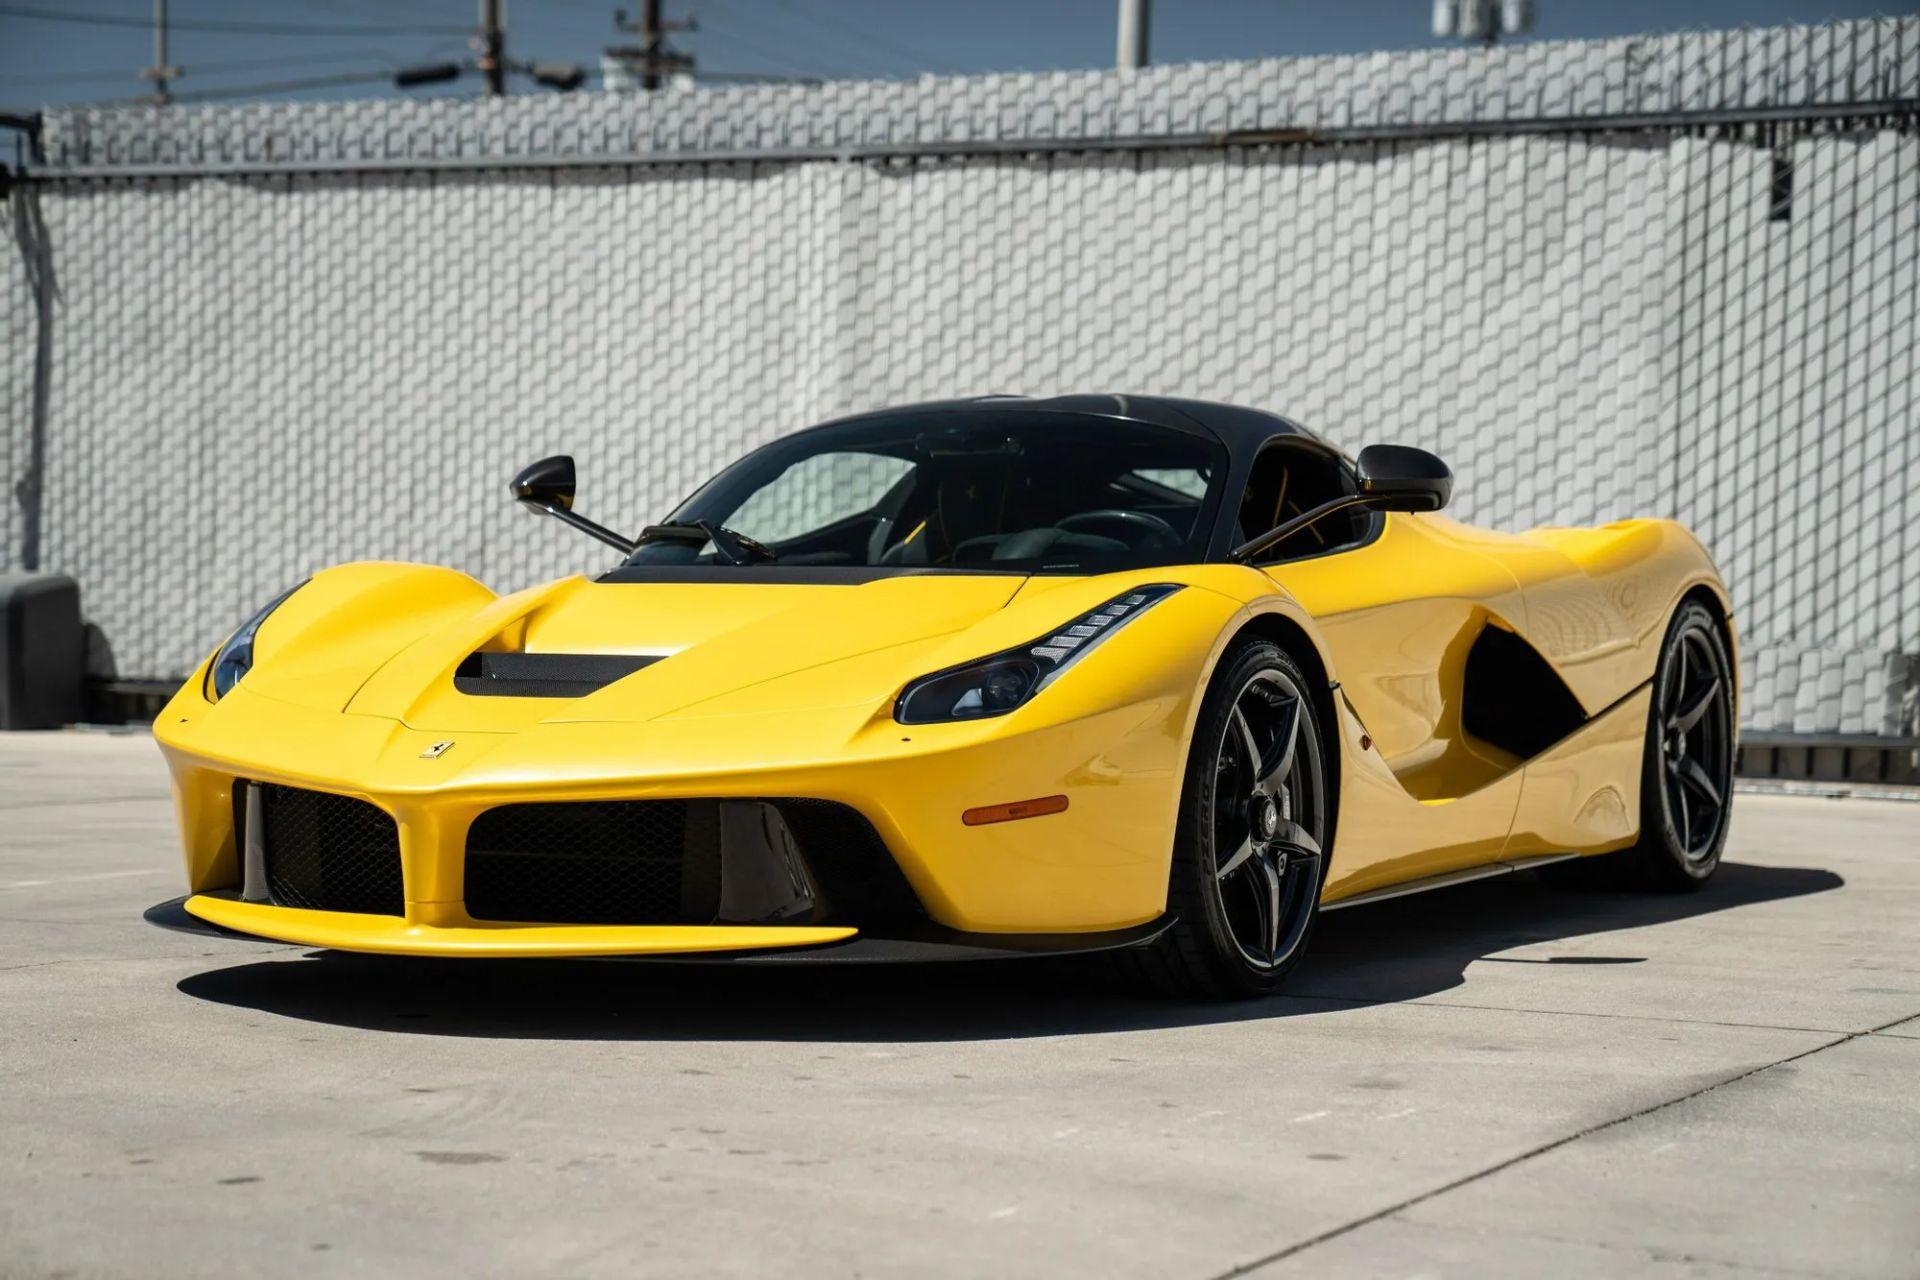 2015-La-Ferrari-Giallo-Triplo-Strato-1